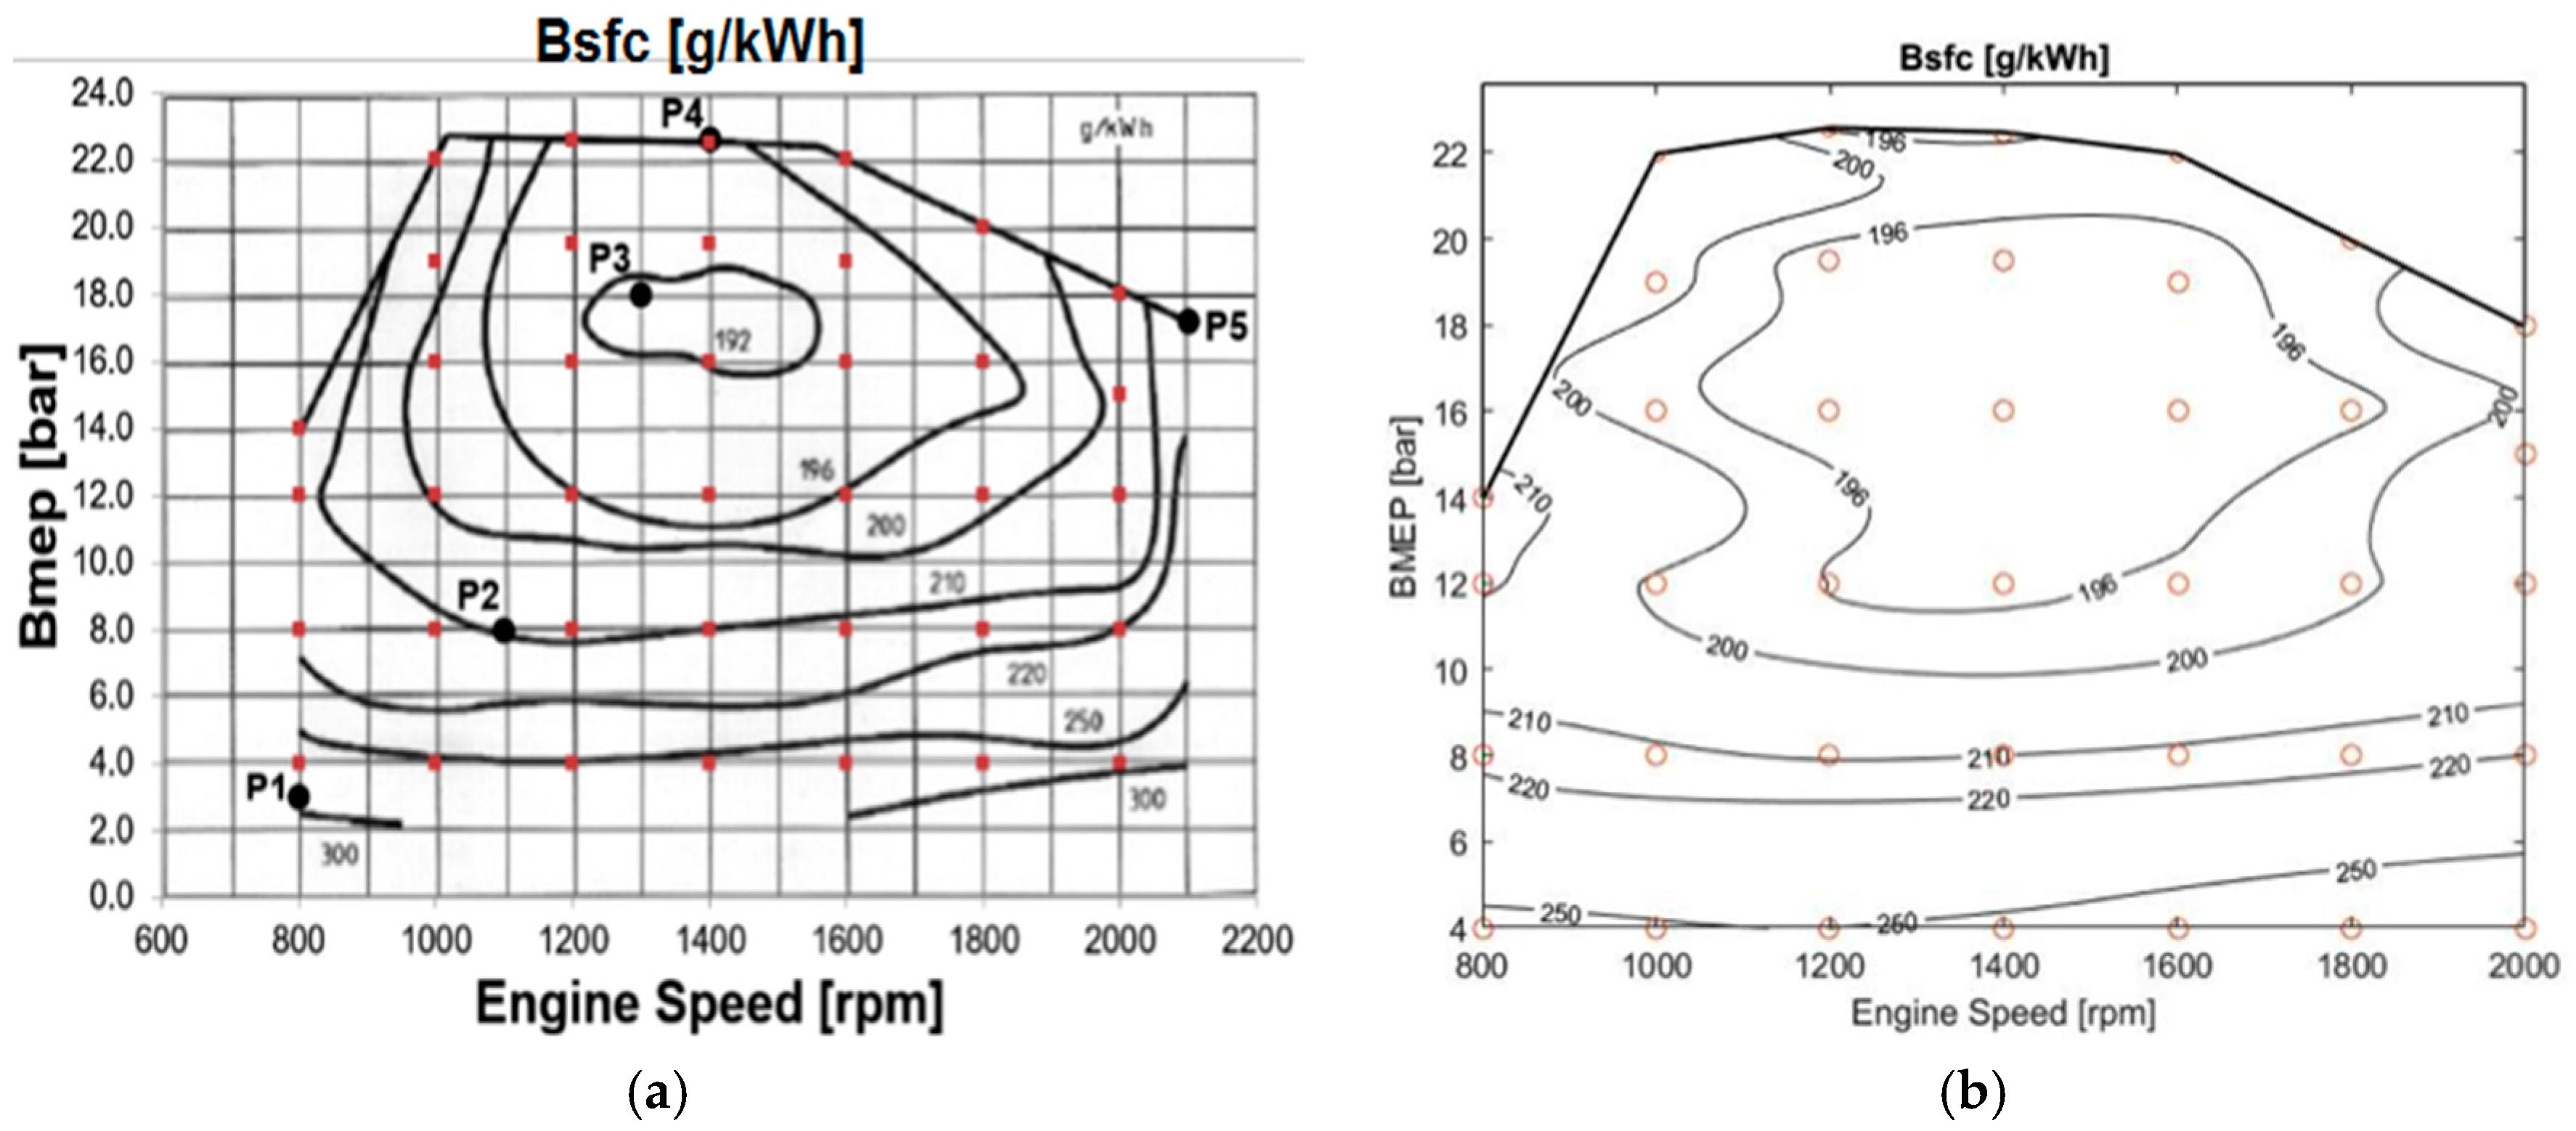 Diesel Engine Diagrams Pictures Energies Of Diesel Engine Diagrams Pictures